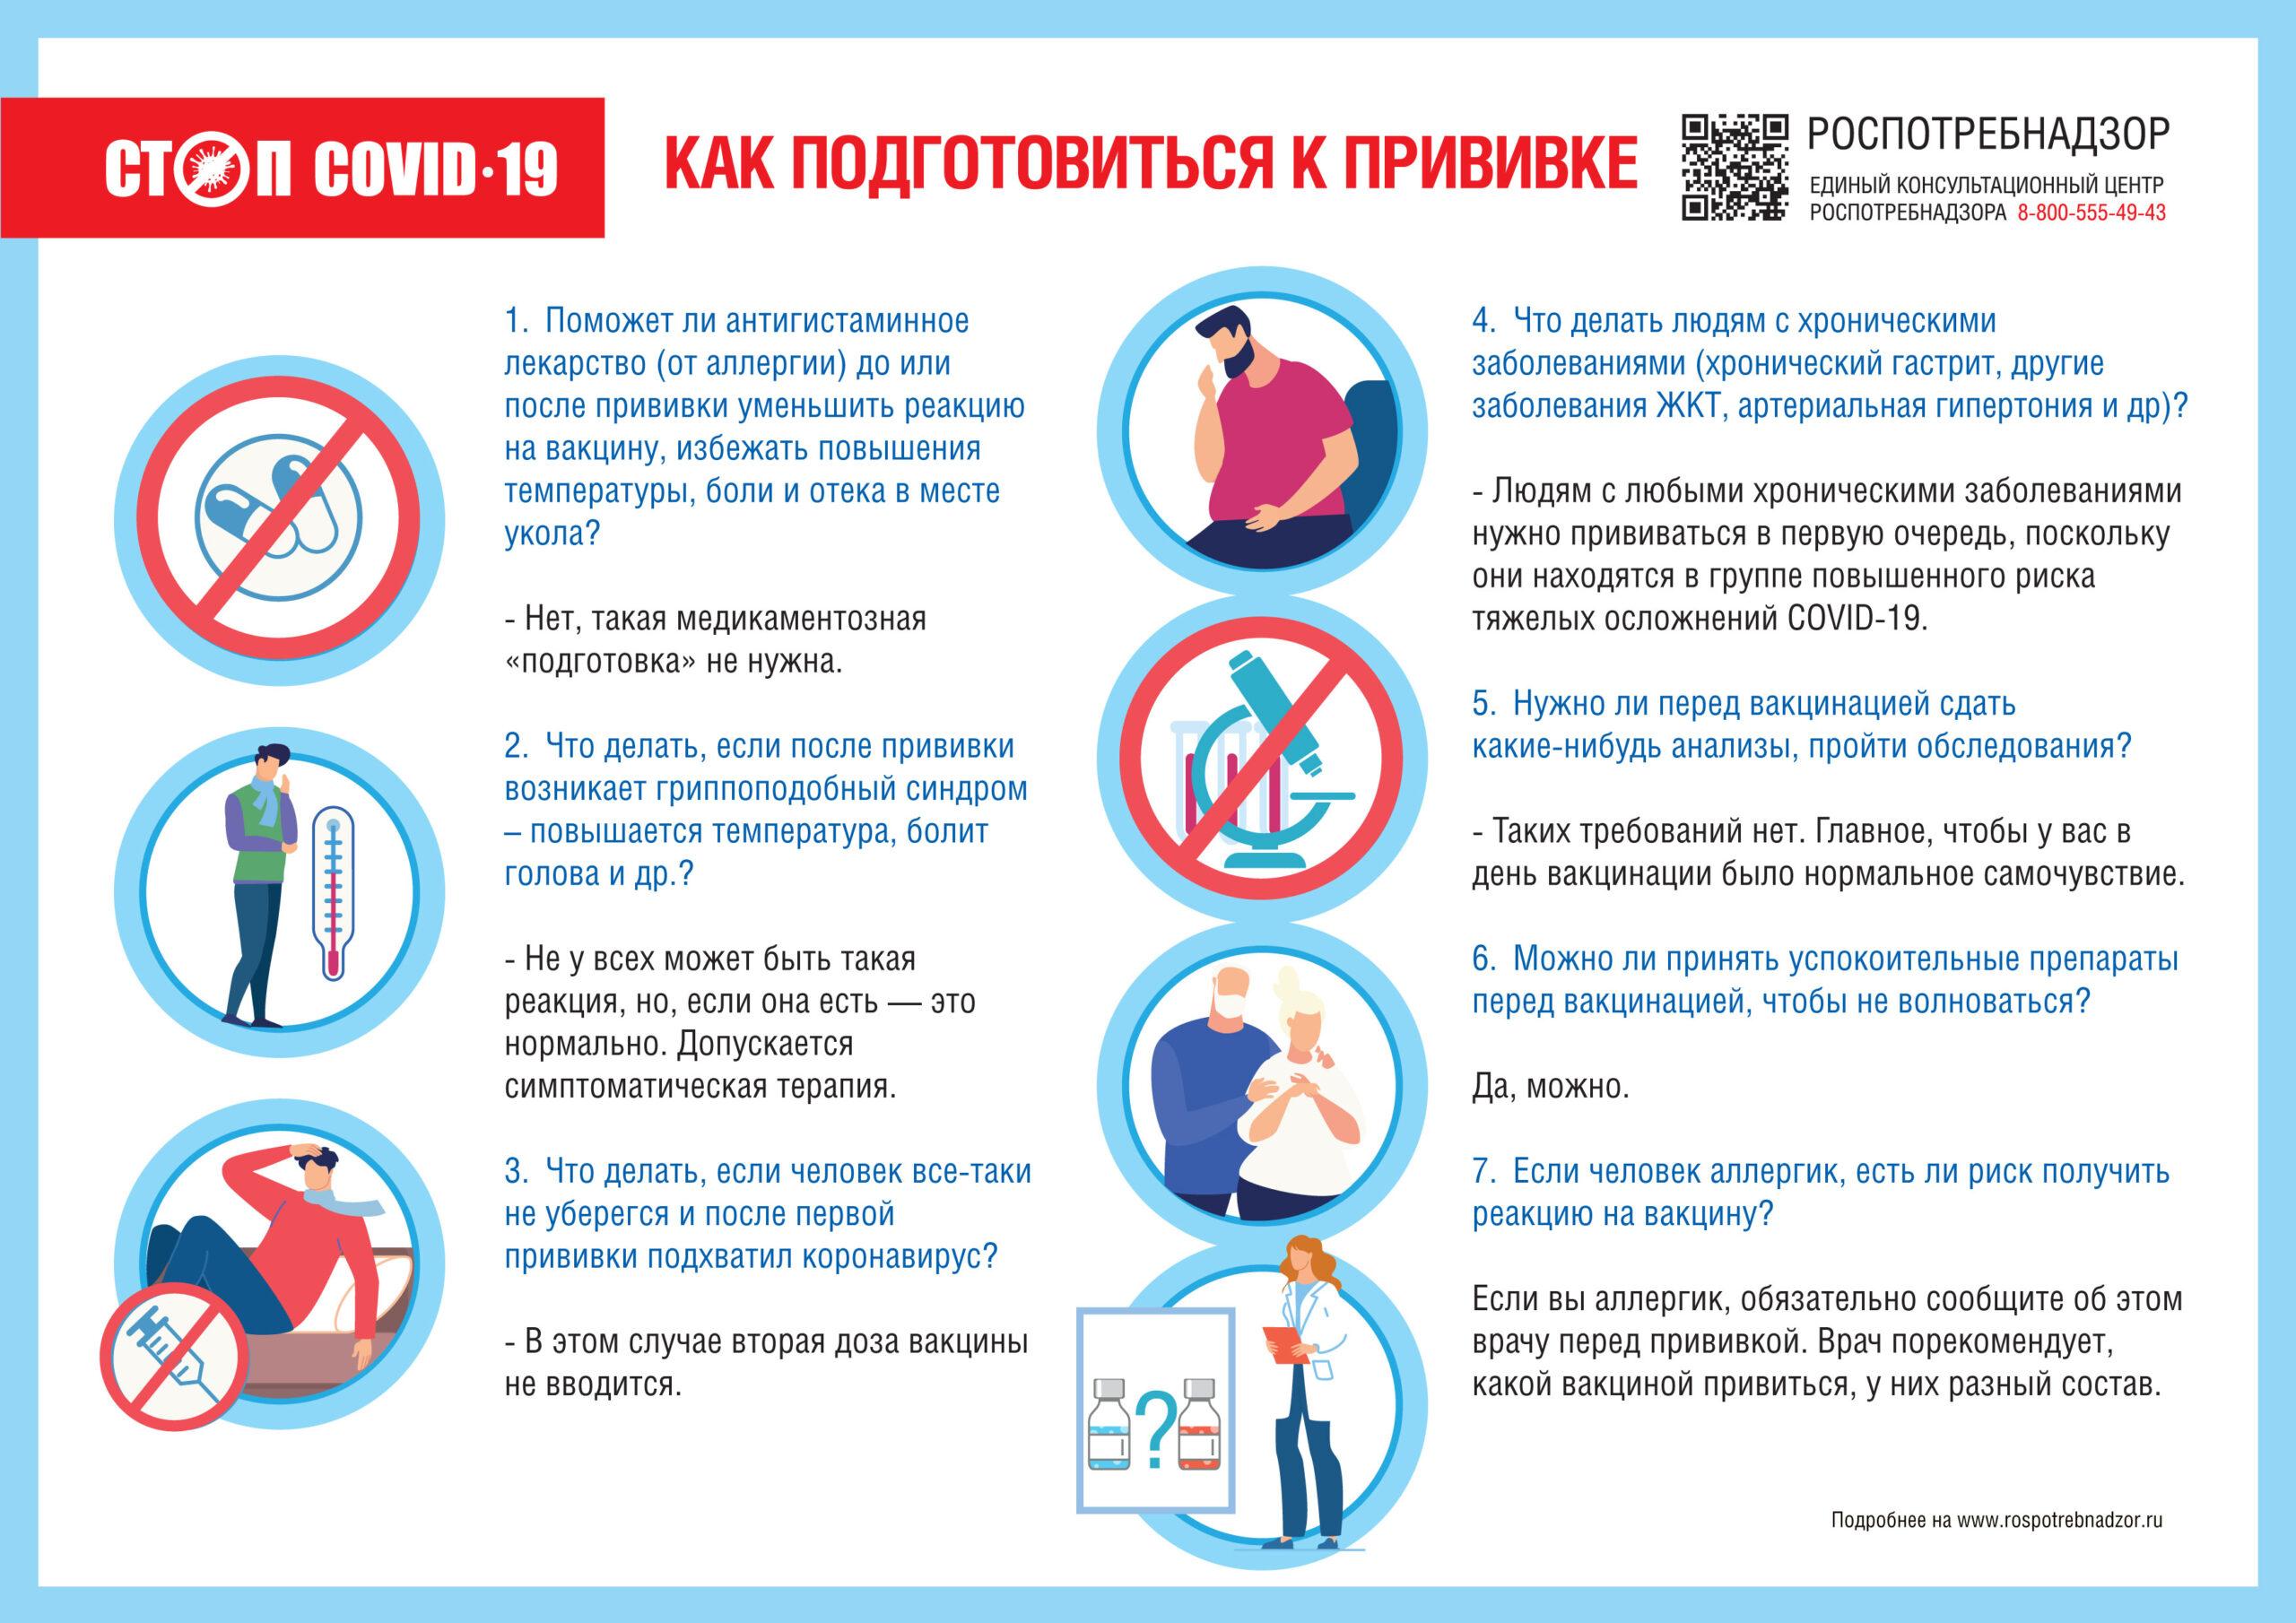 Подготовка к прививке от covid-19